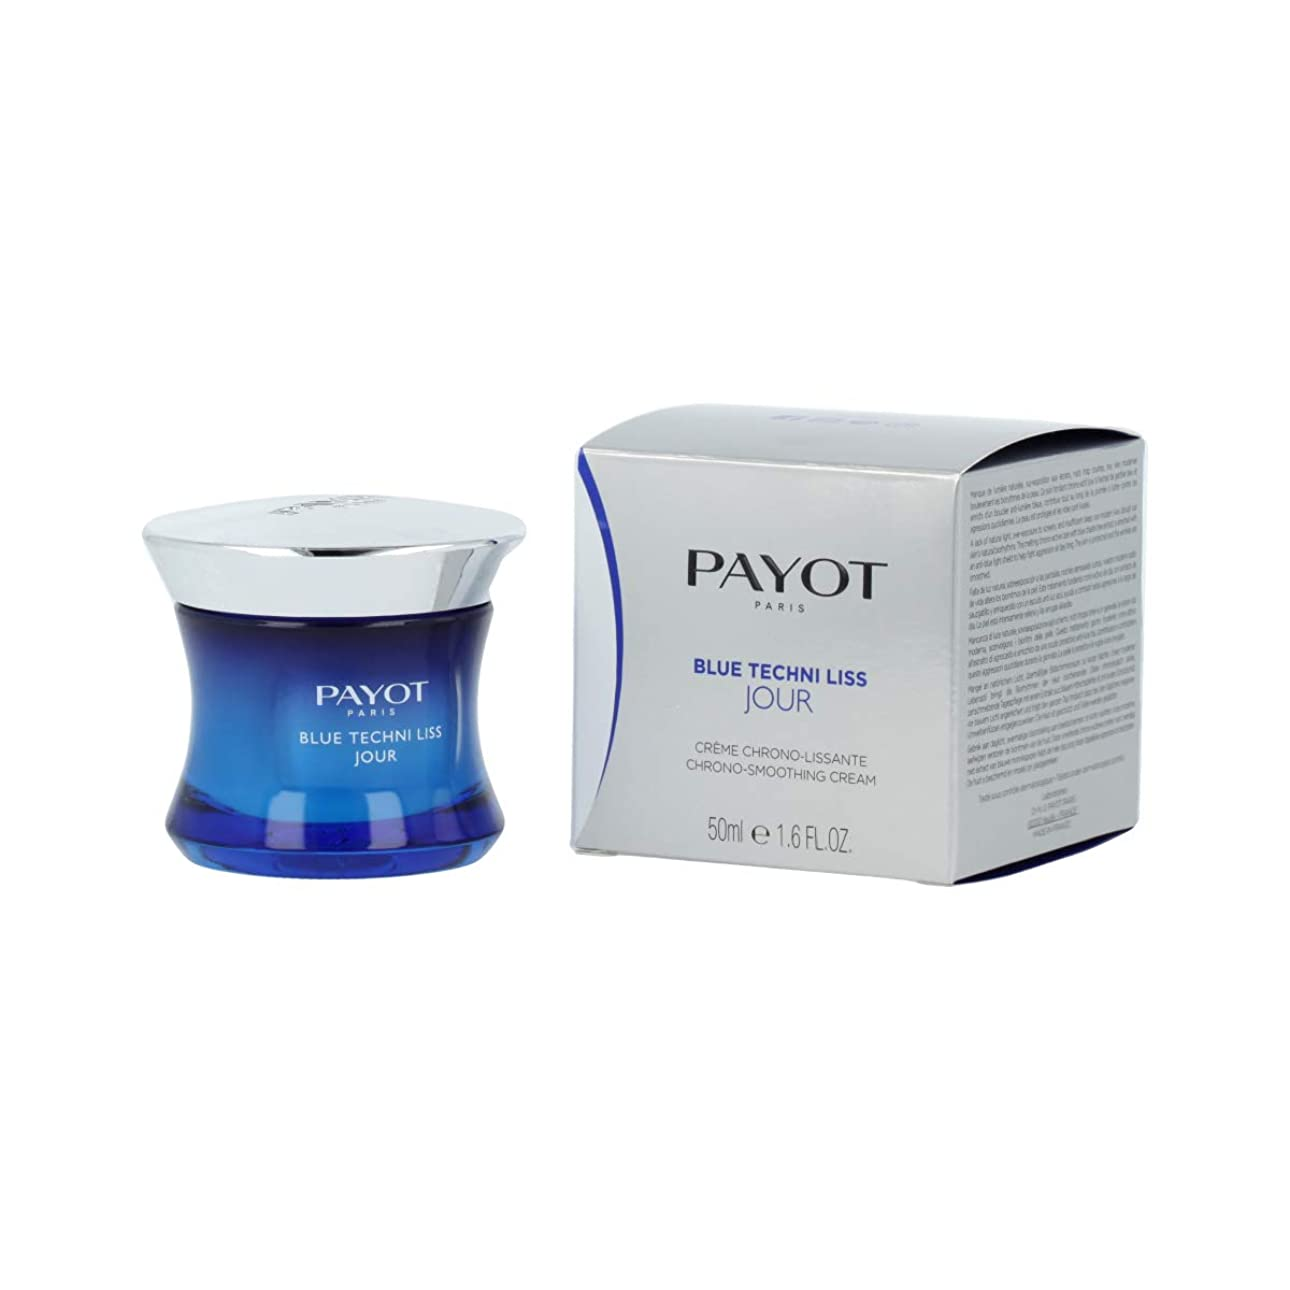 クリーナーエッセイ人生を作るパイヨ Blue Techni Liss Jour Chrono-Smoothing Cream 50ml/1.6oz並行輸入品